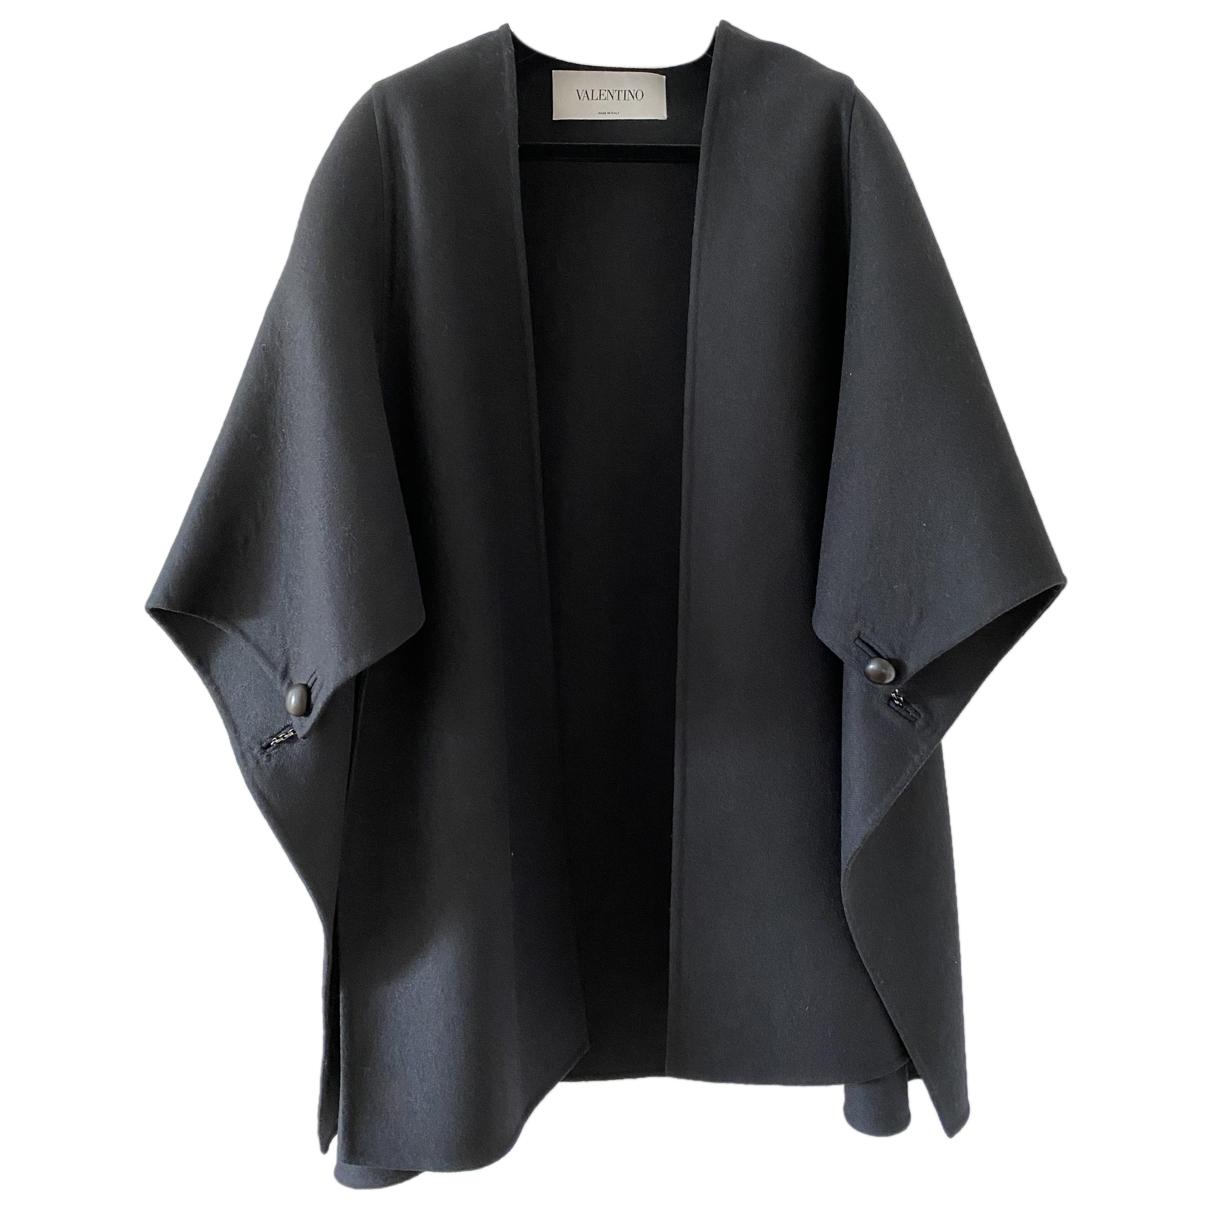 Valentino Garavani - Manteau   pour femme en laine - noir